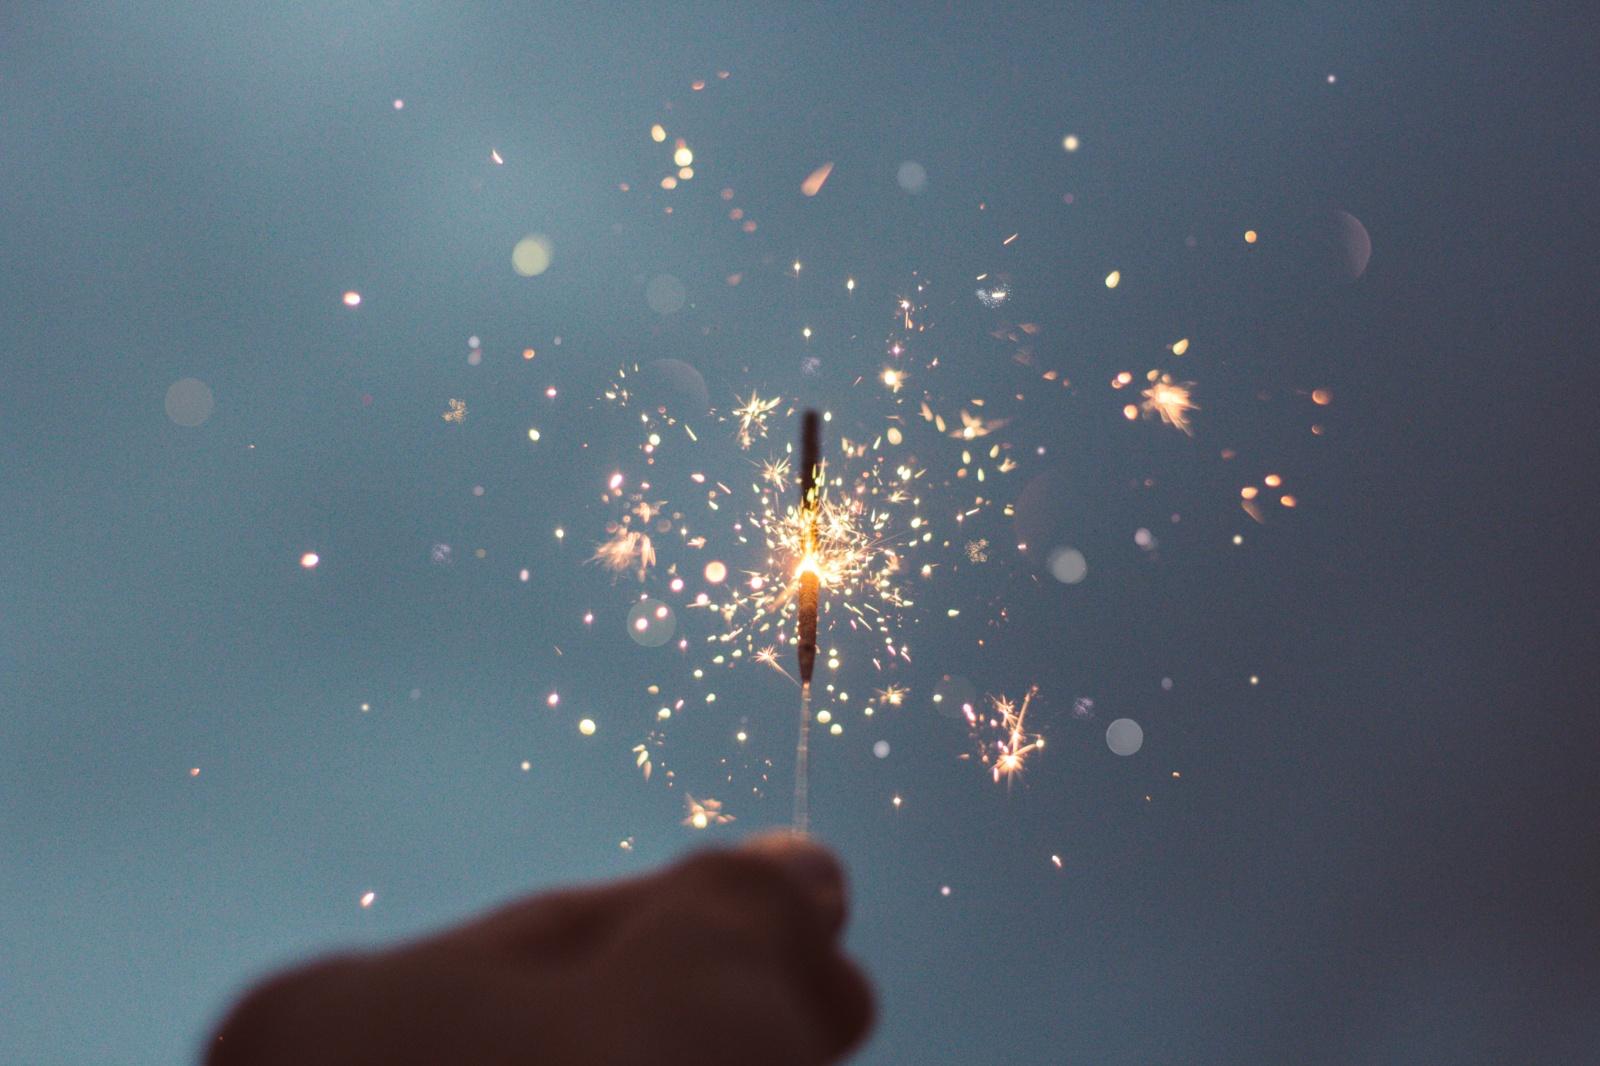 Gruodžio 9-oji: vardadieniai, astrologija